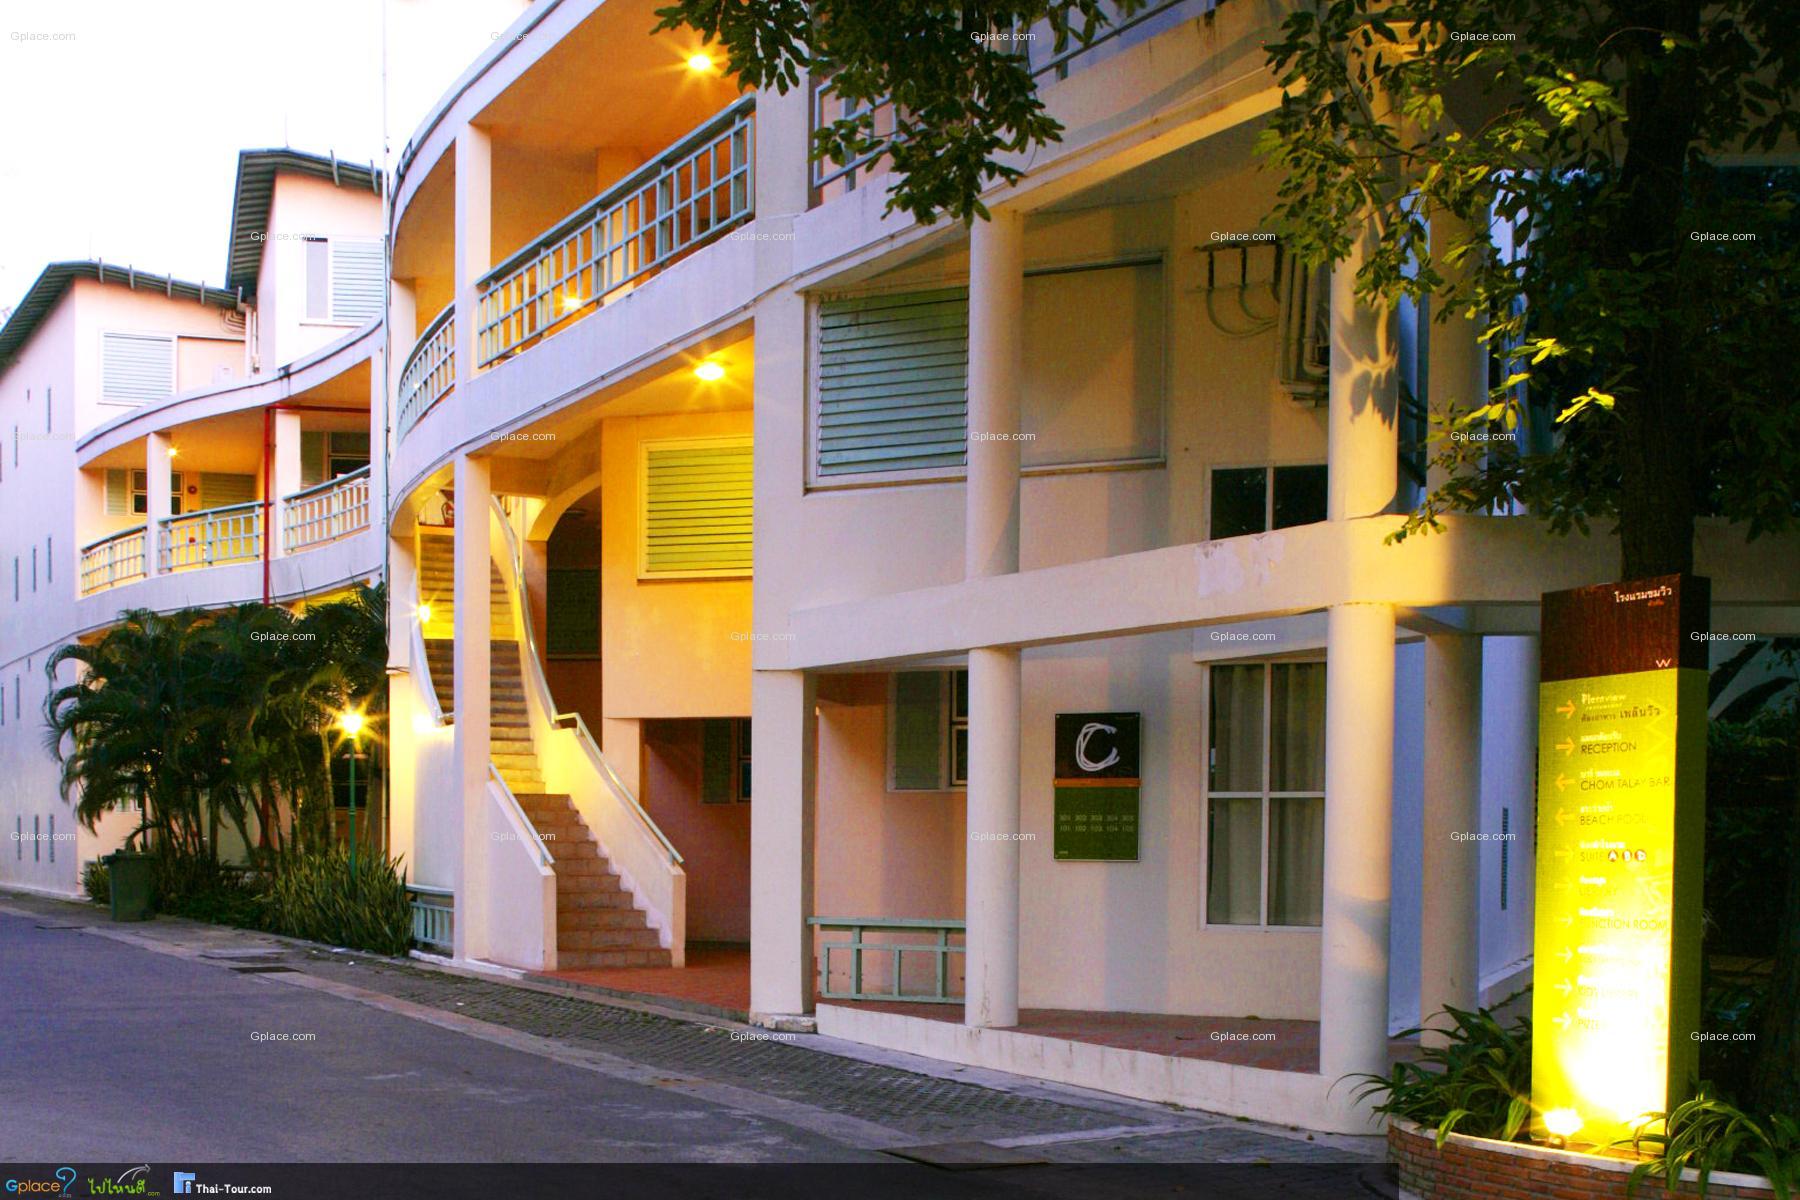 ห้อง Garden View Suite สำหรับครอบครัว จะเป็นตัว 2 ห้อง อันนี้จะเป็นตัวโซนตึกเก่า